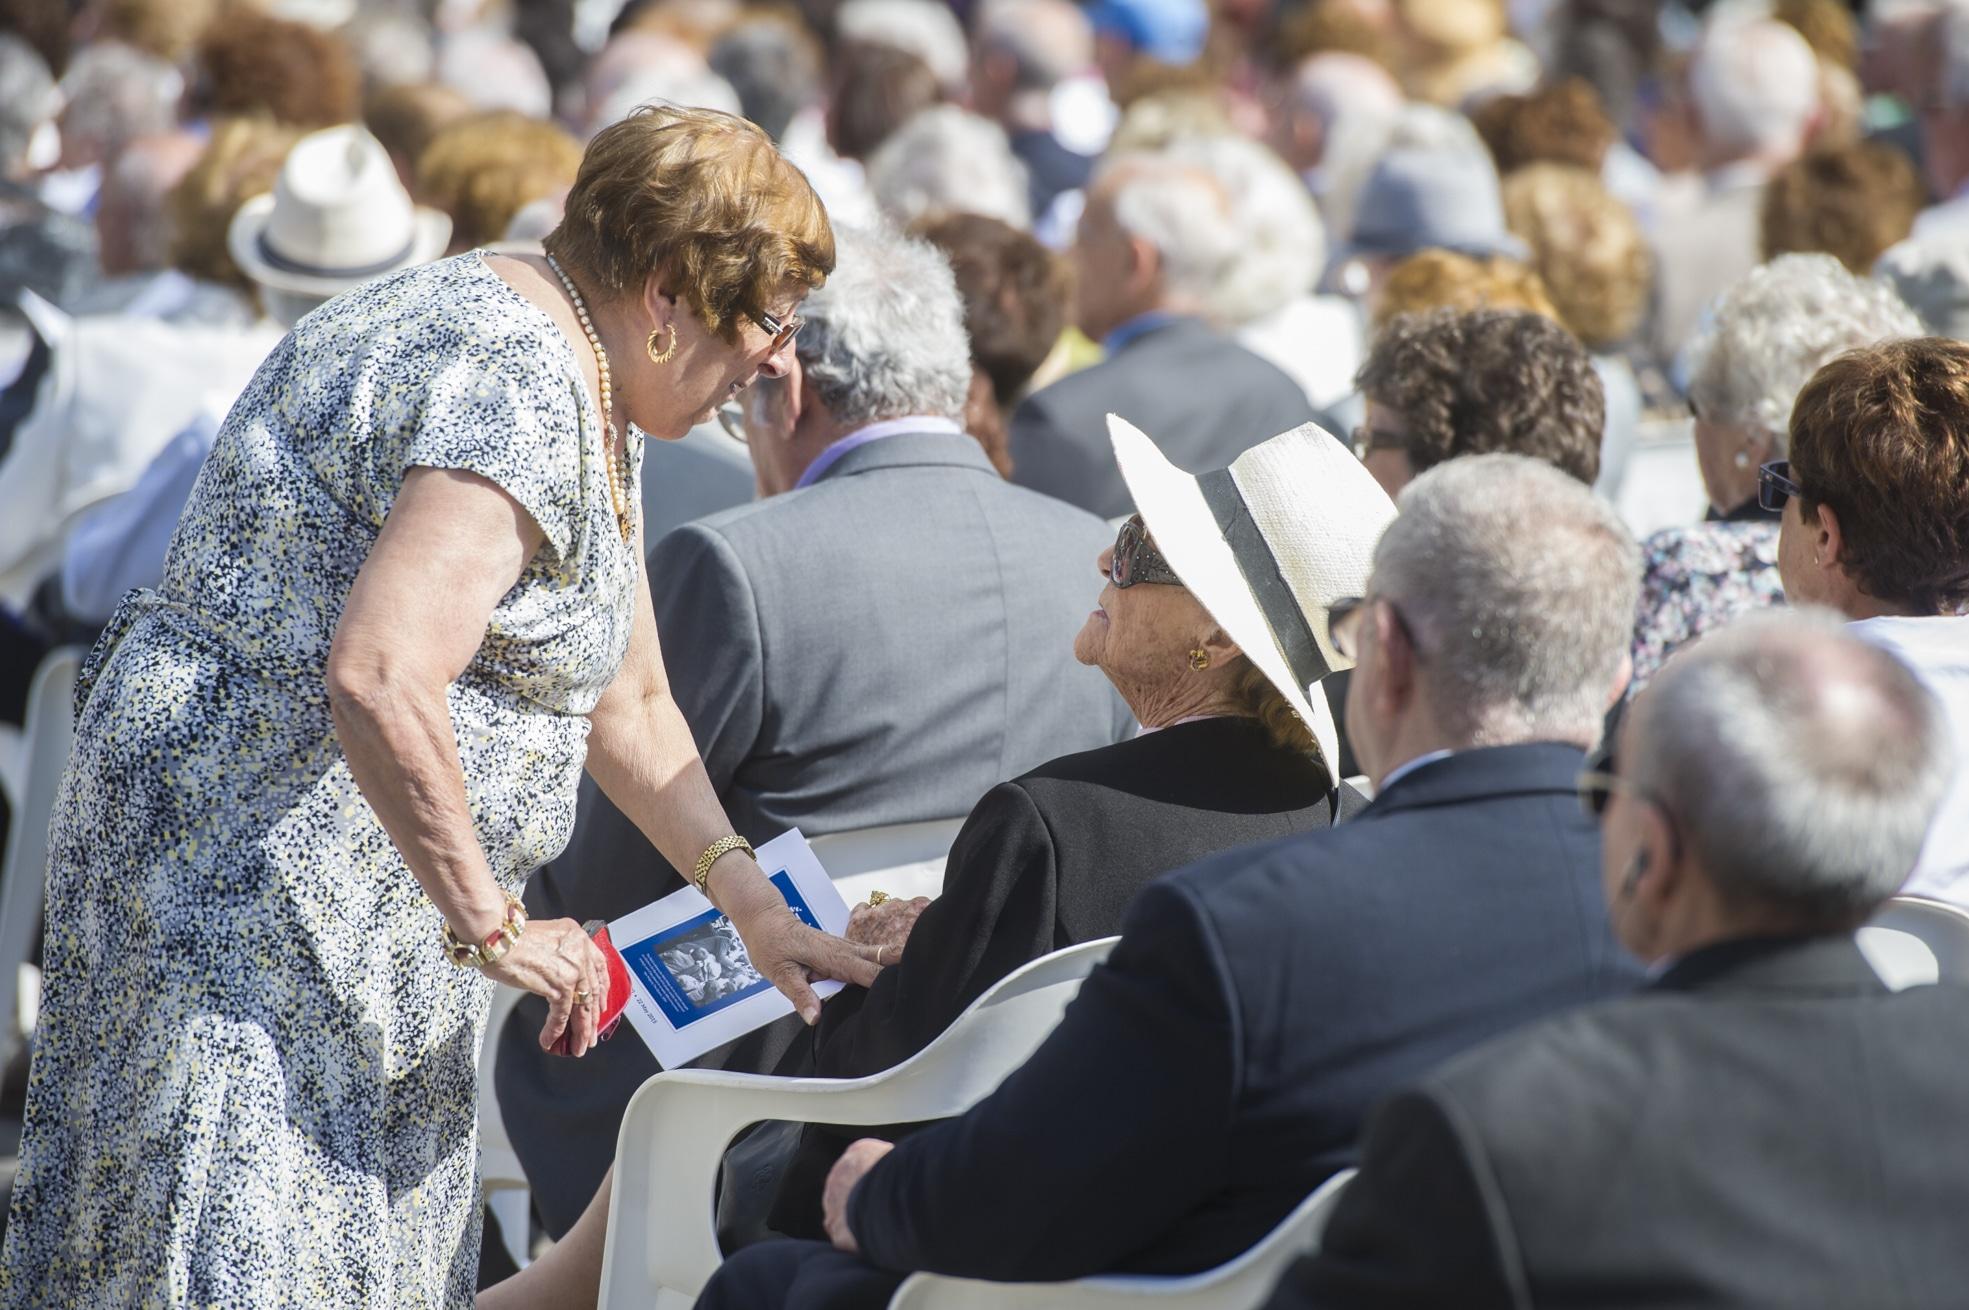 ceremonia-75-anos-evacuacion-gibraltar-22052015-04_17995192385_o